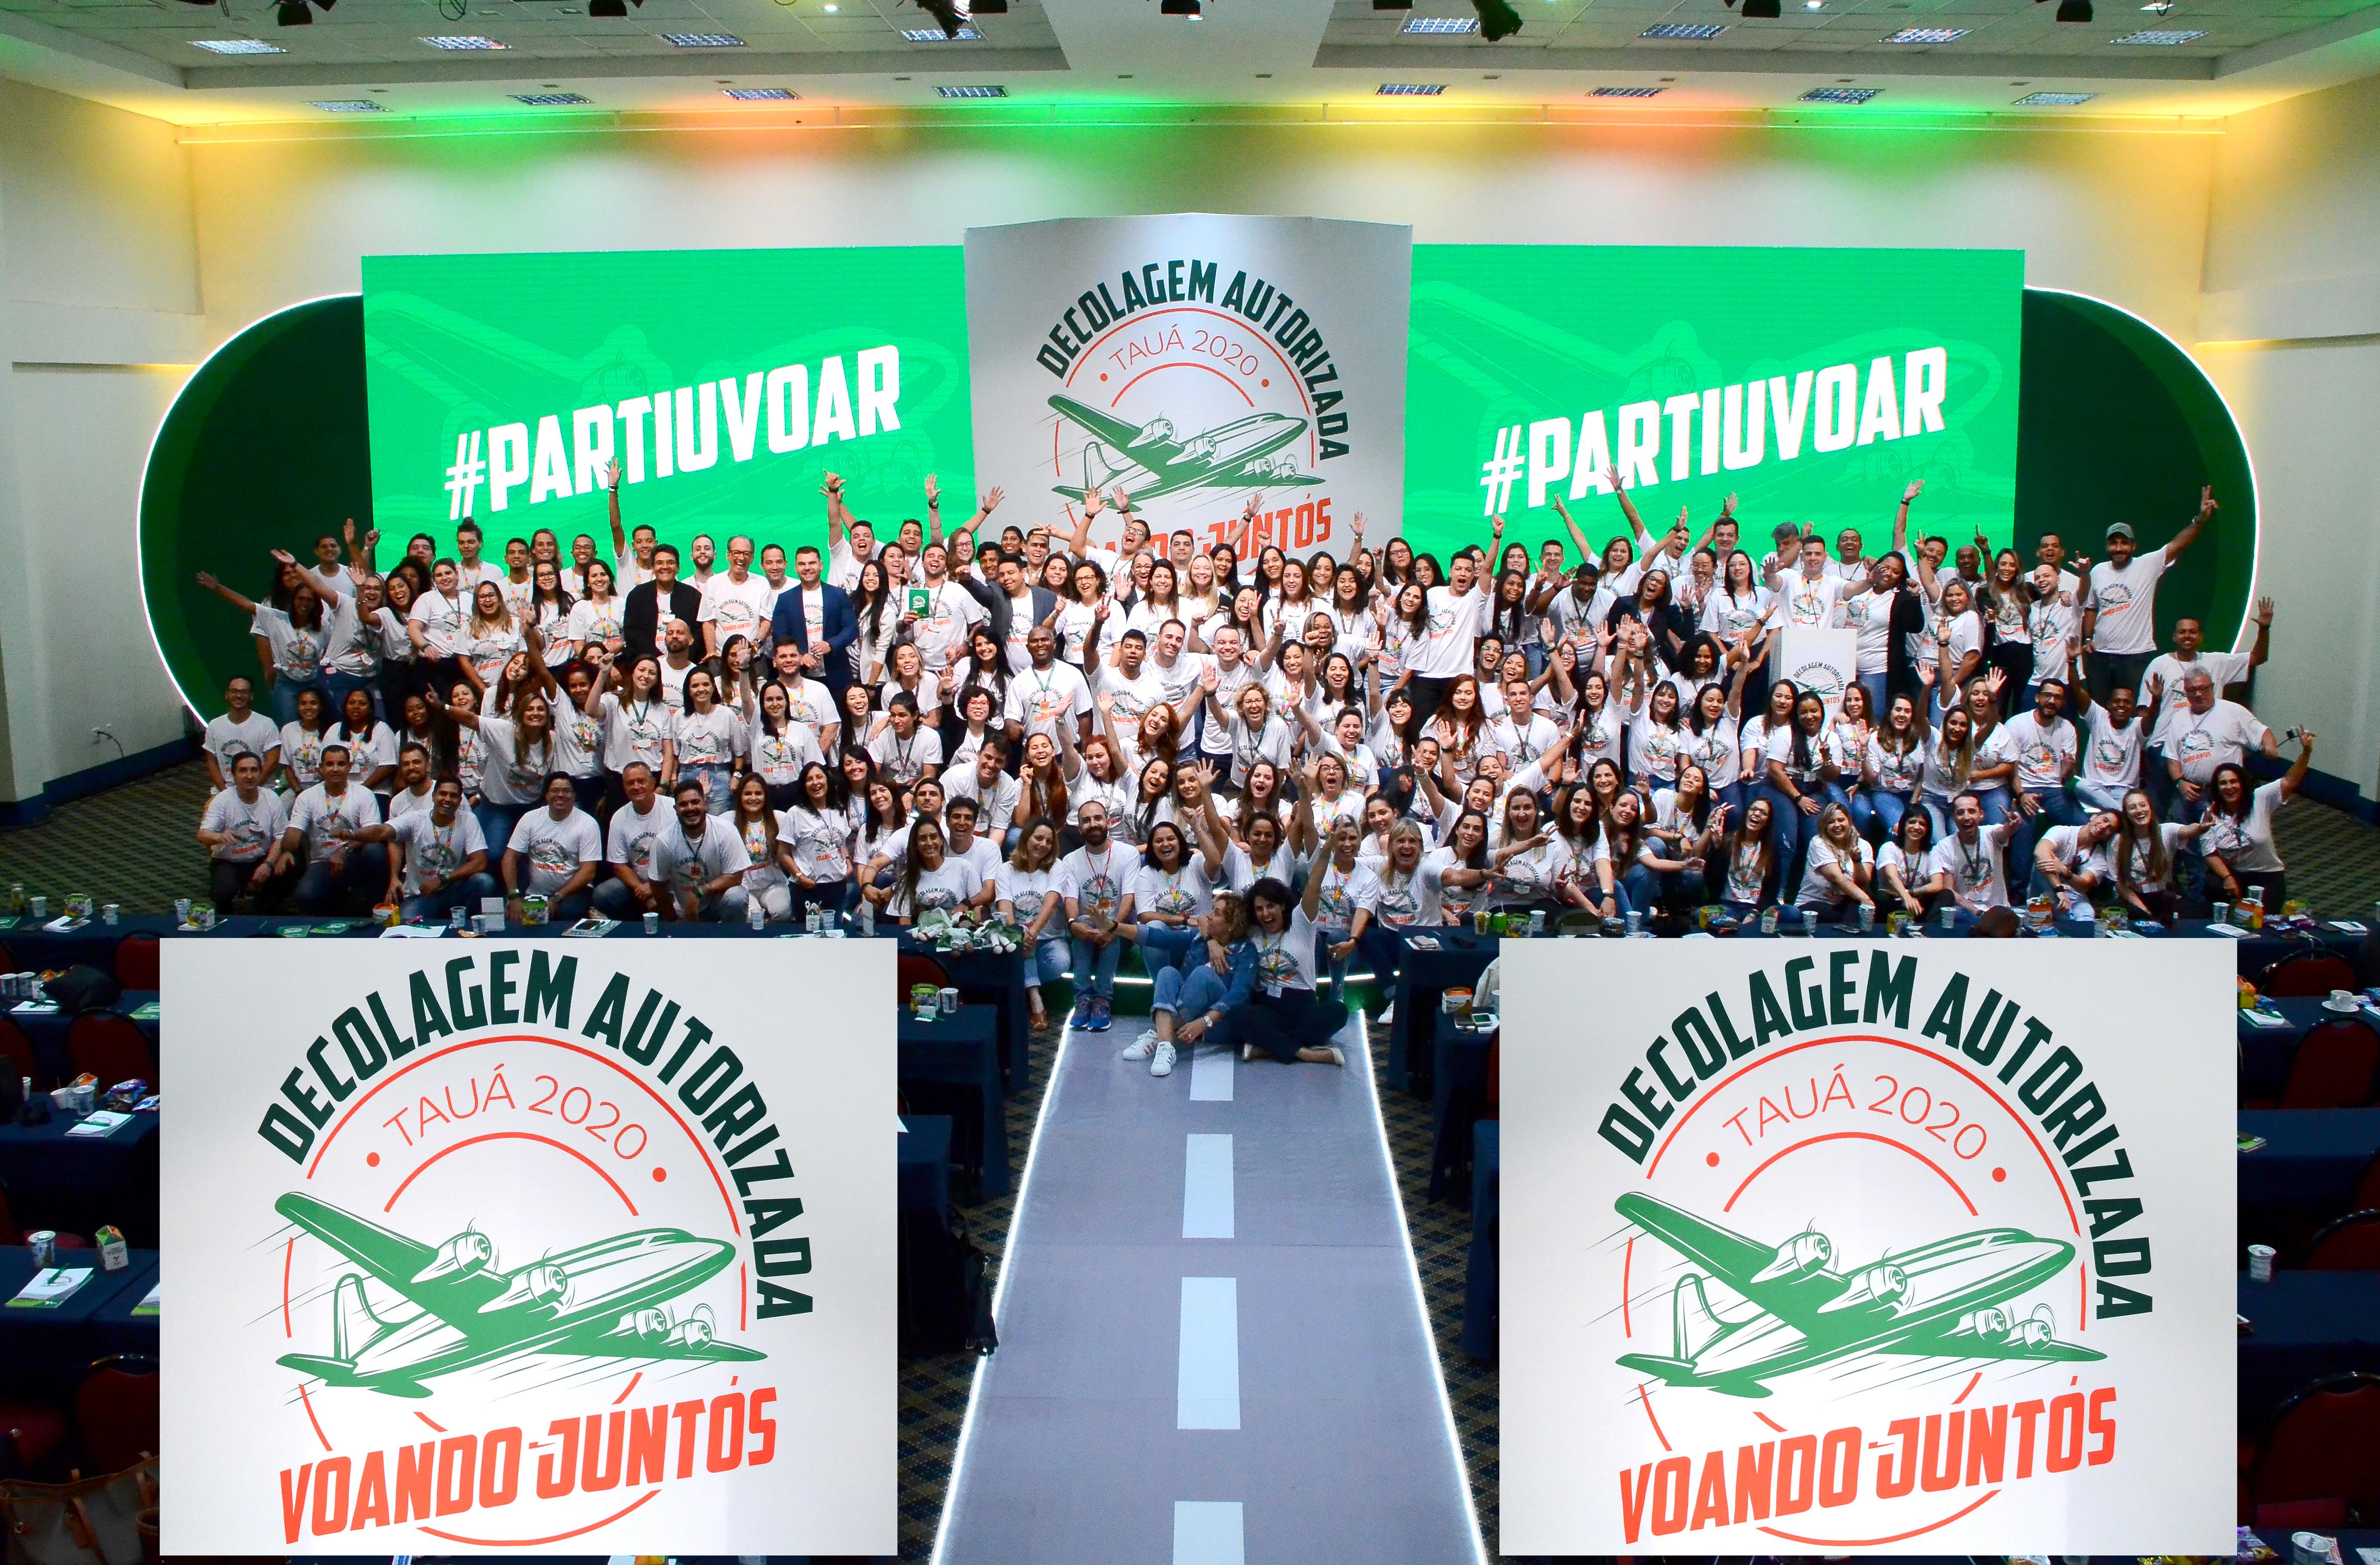 Convenção_Vendas_2020 (1)